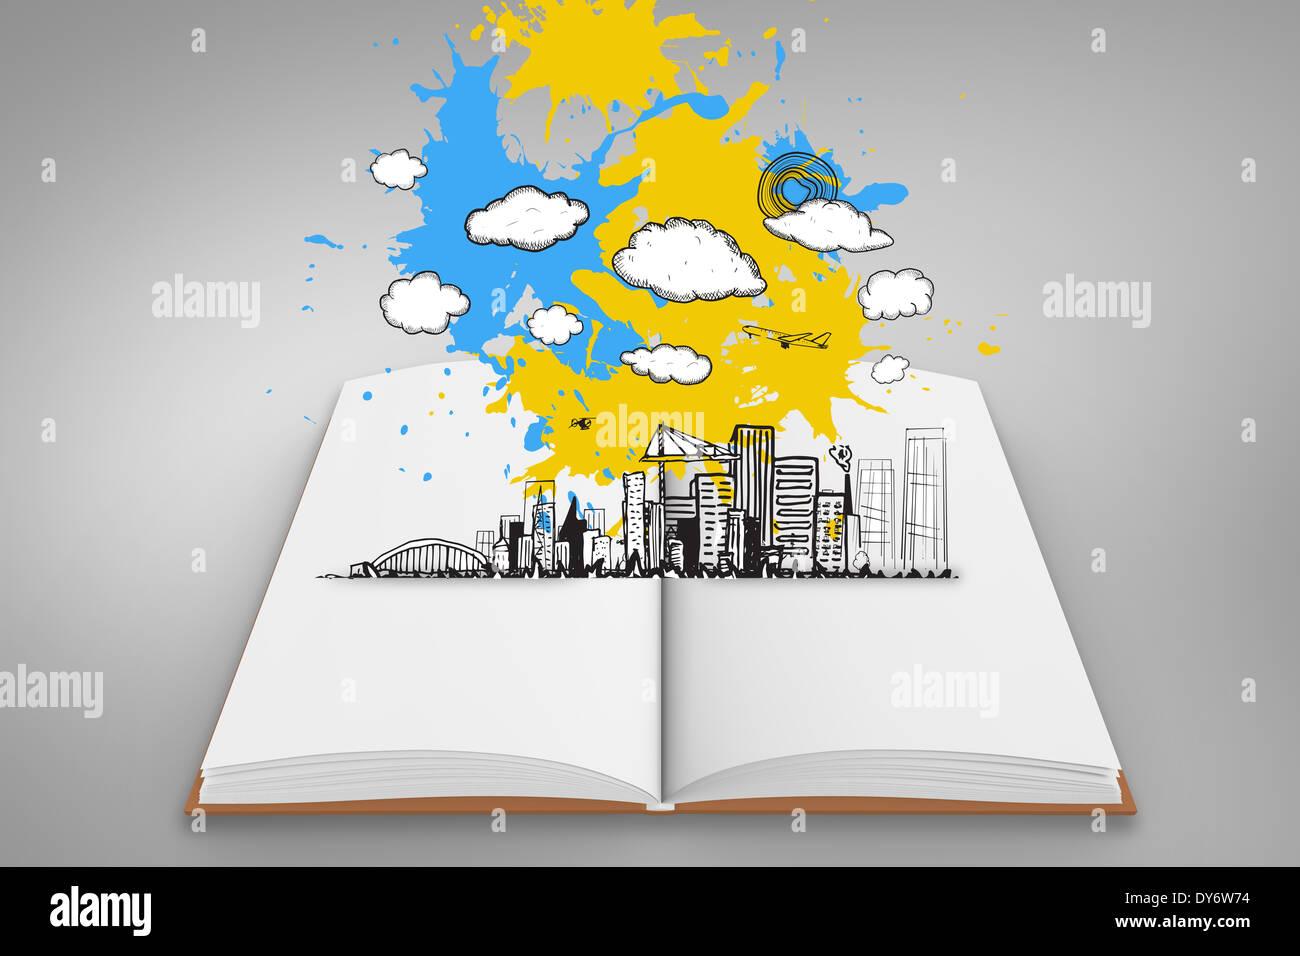 Imagen compuesta de paisaje urbano gráfico de pintar las salpicaduras sobre libro abierto Imagen De Stock